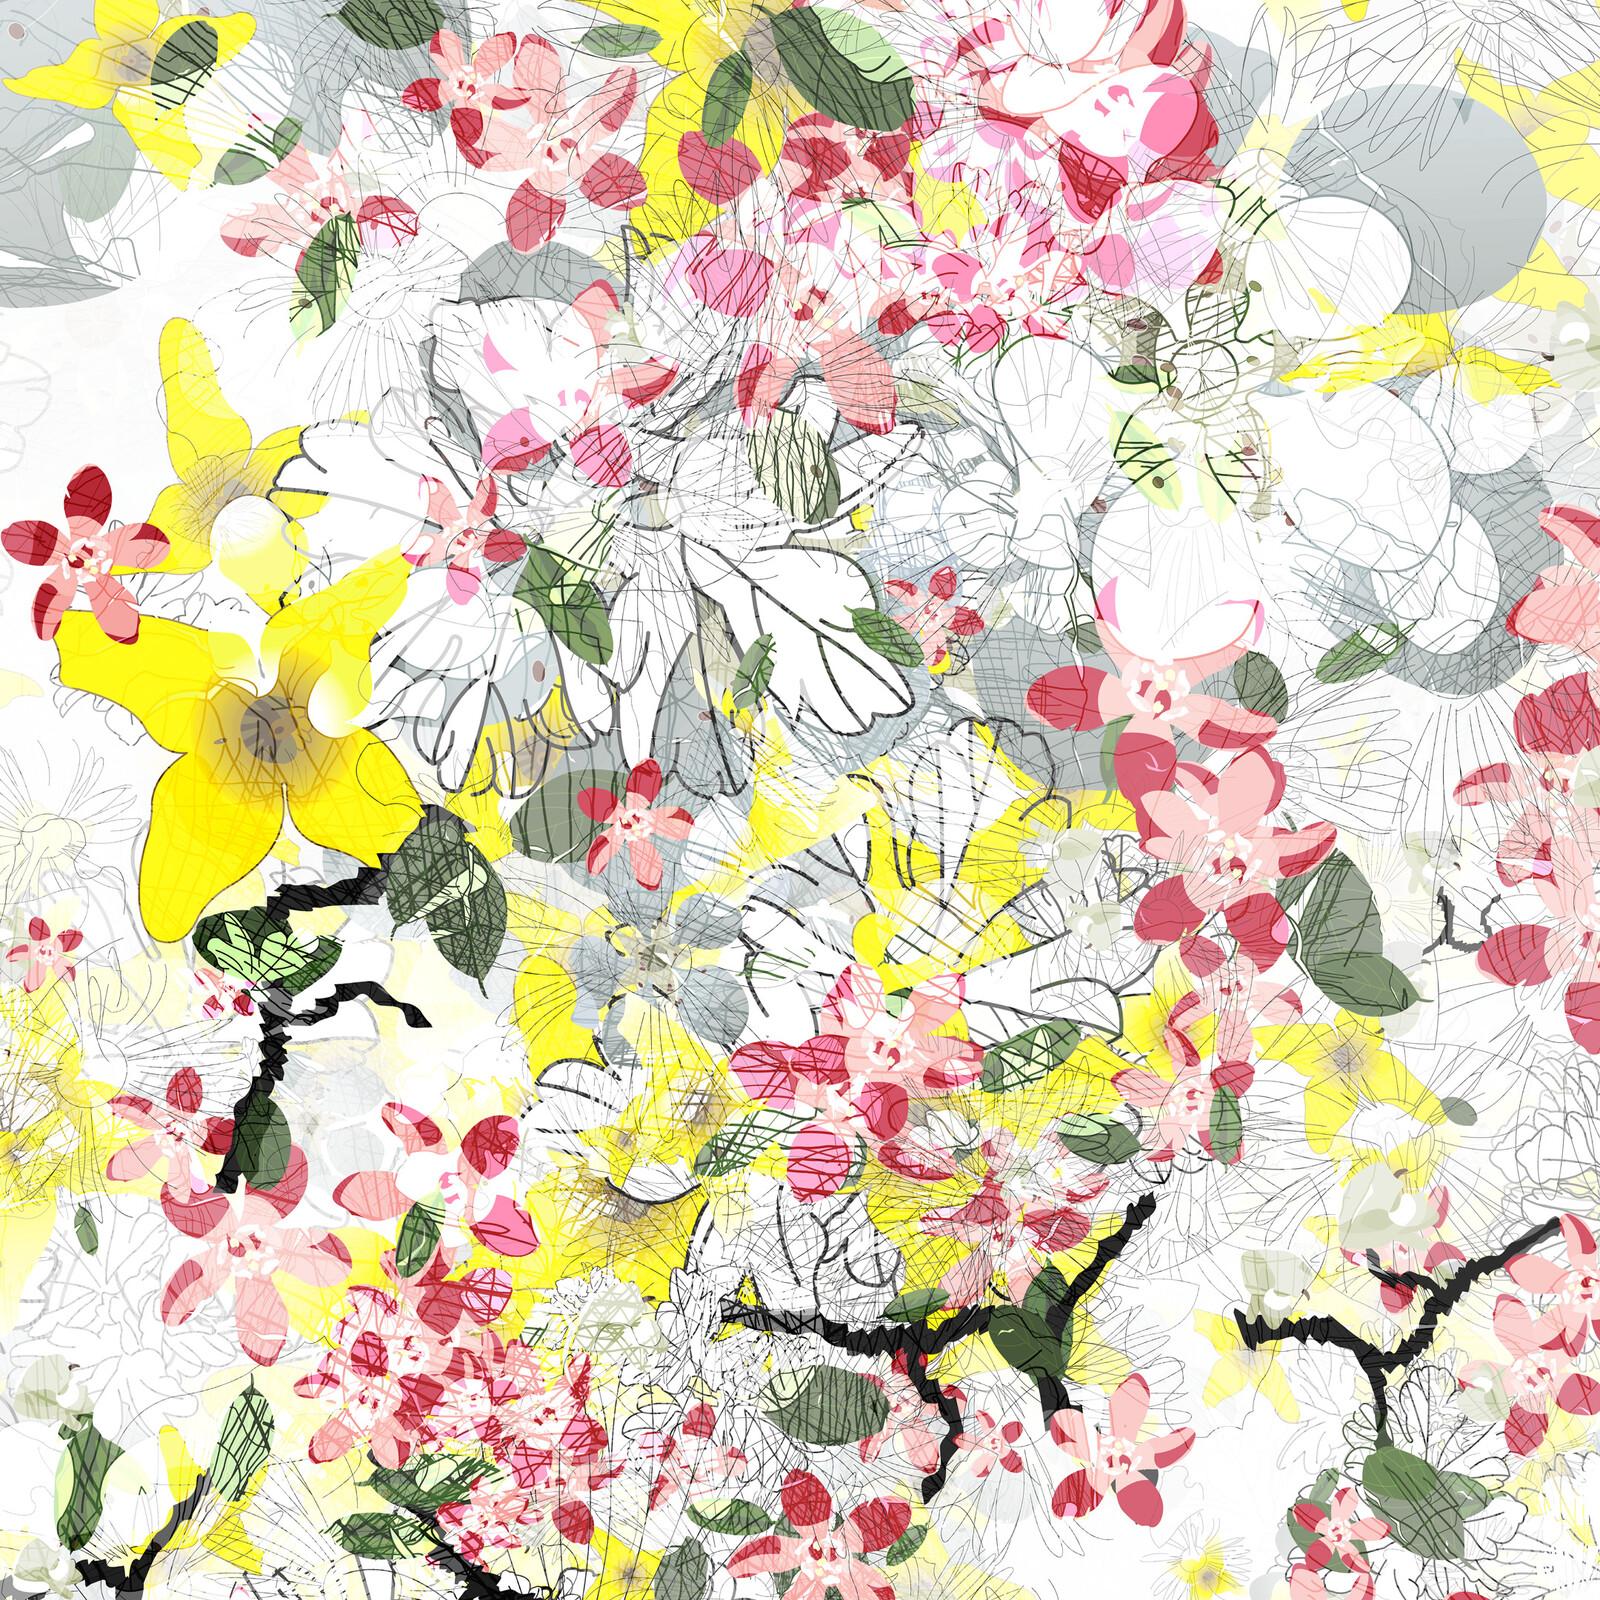 Spring - Christine Jaschek